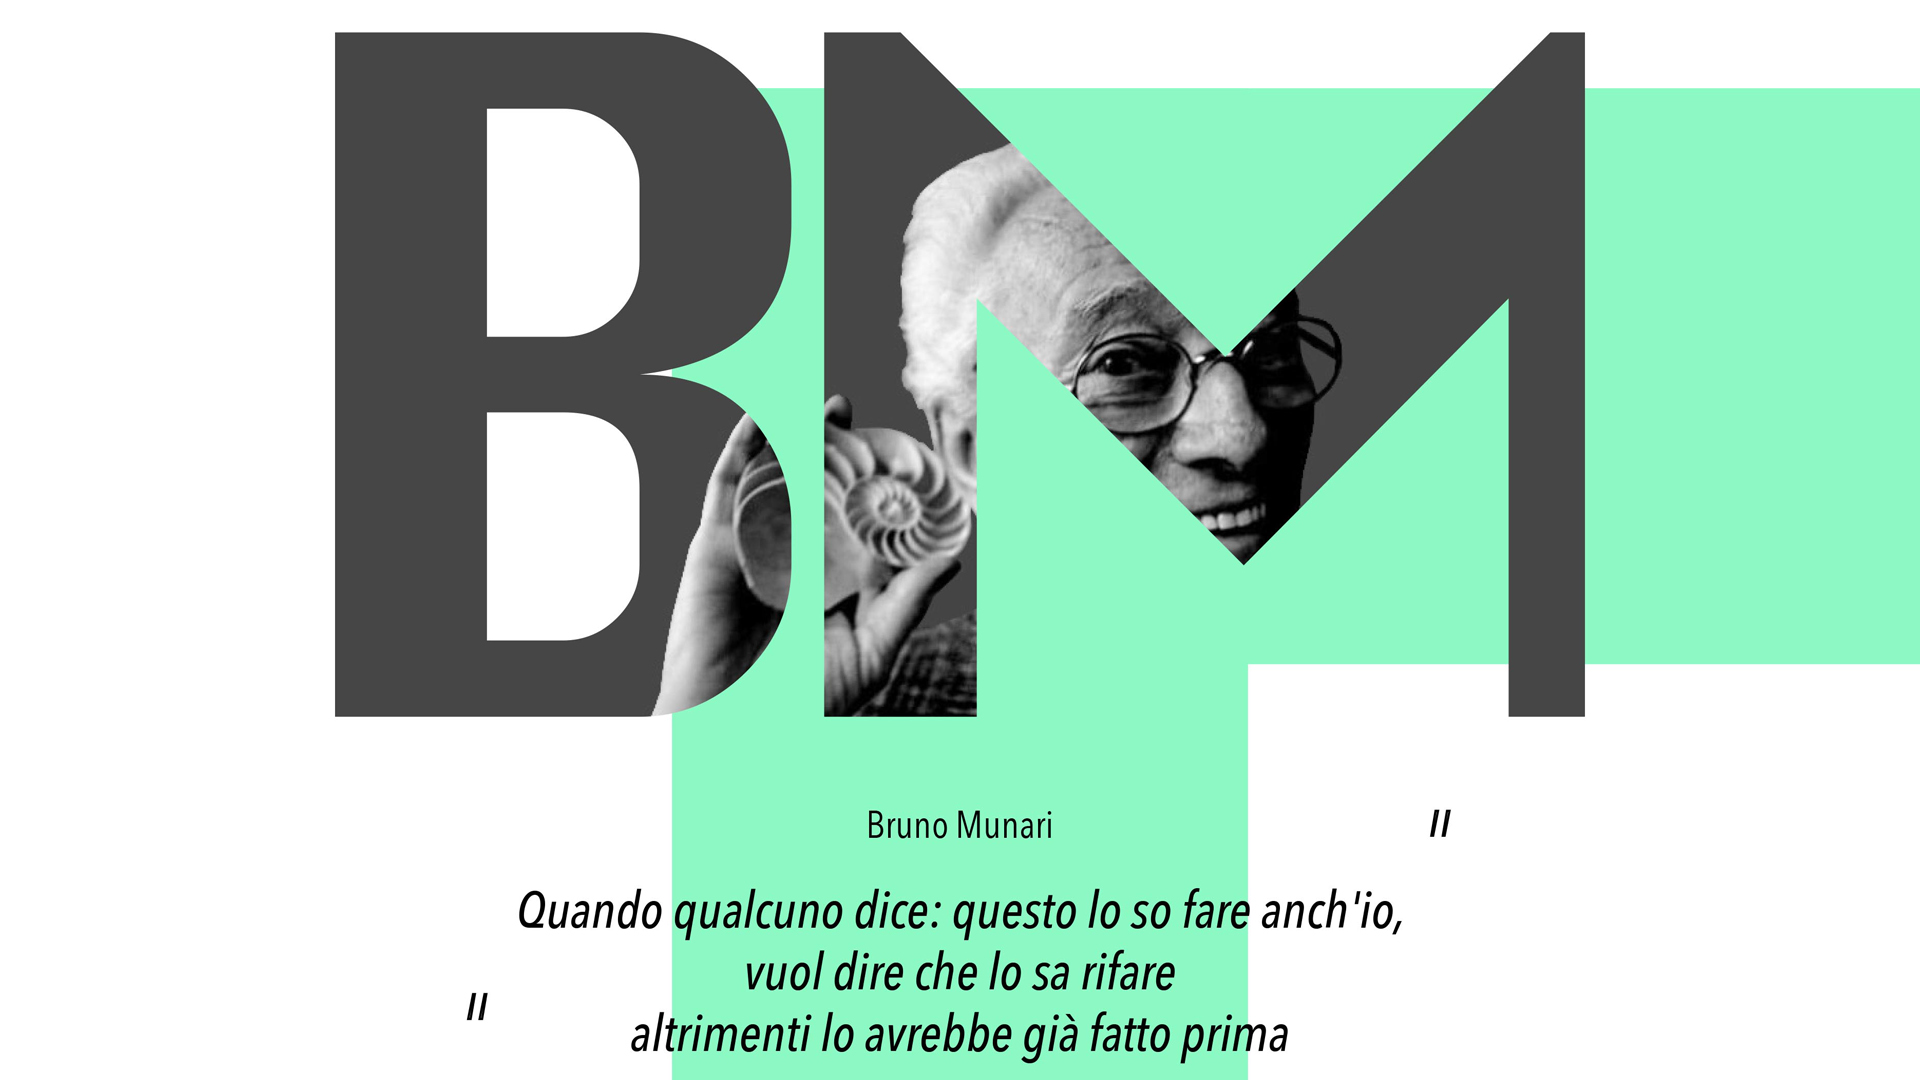 Grafica con le iniziali BM all'interno delle quali si vede il ritratto dell'artista e designer Bruno Munari, protagonista dell'articolo.